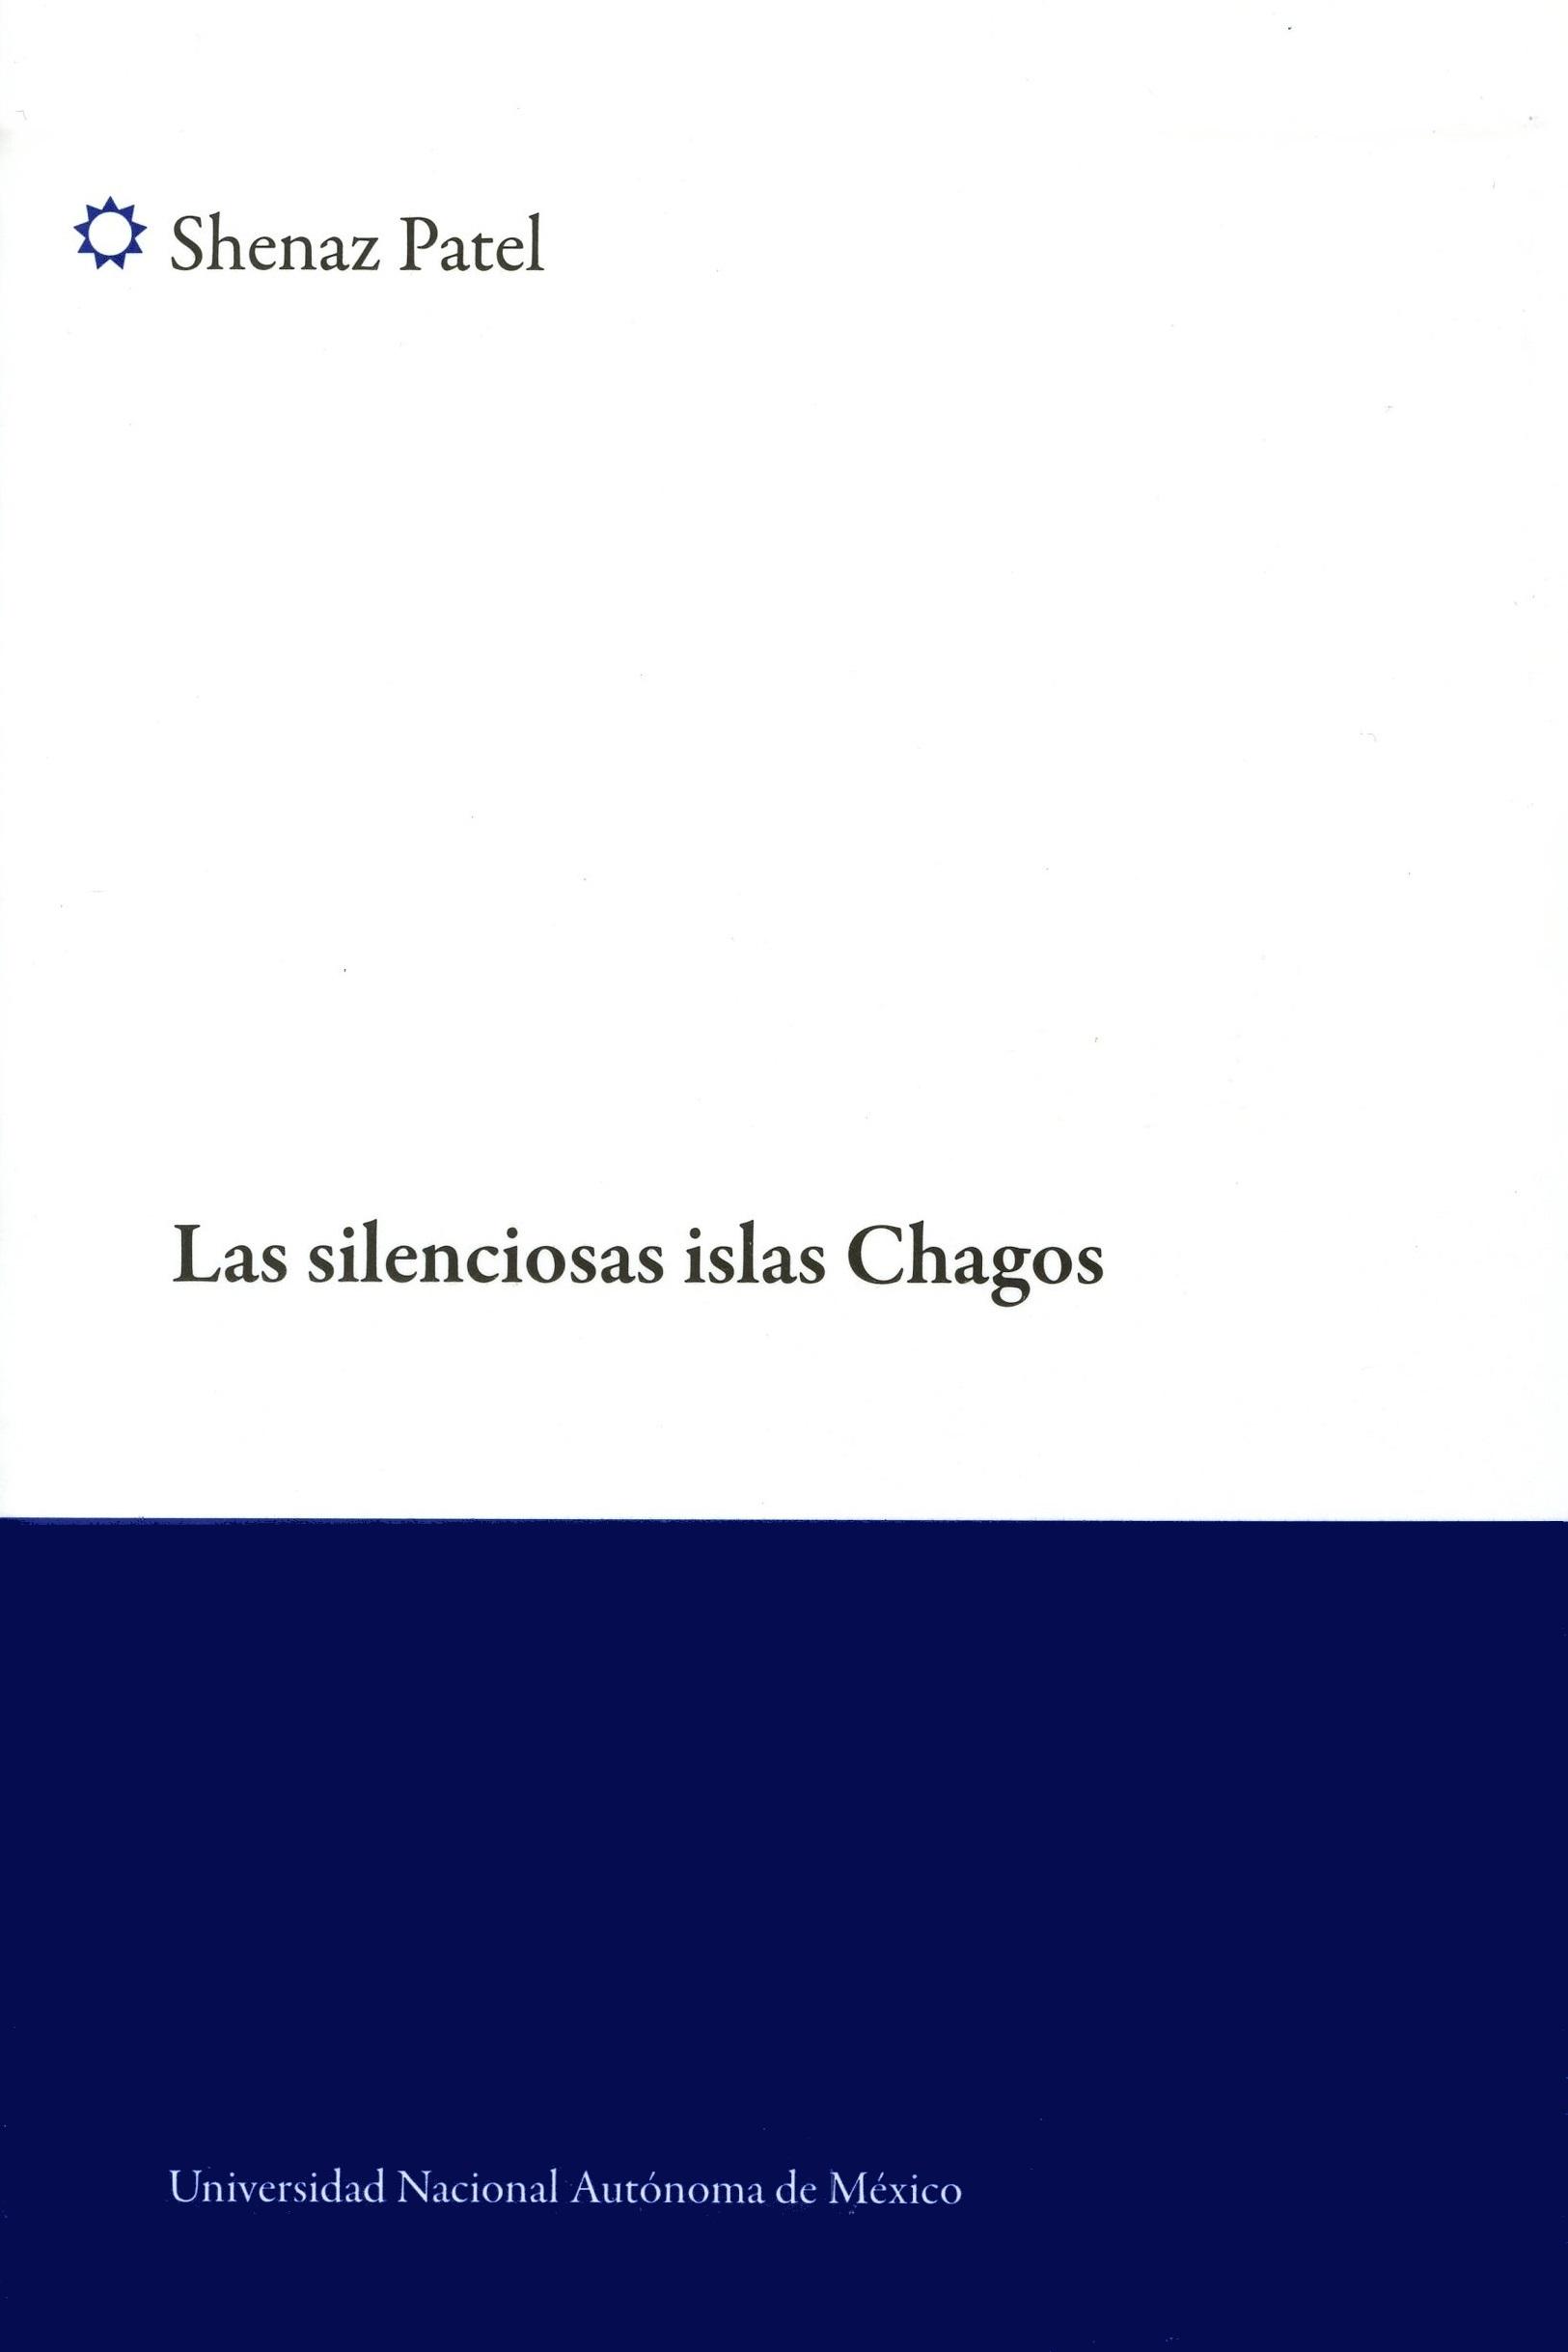 Las silenciosas islas Chagos